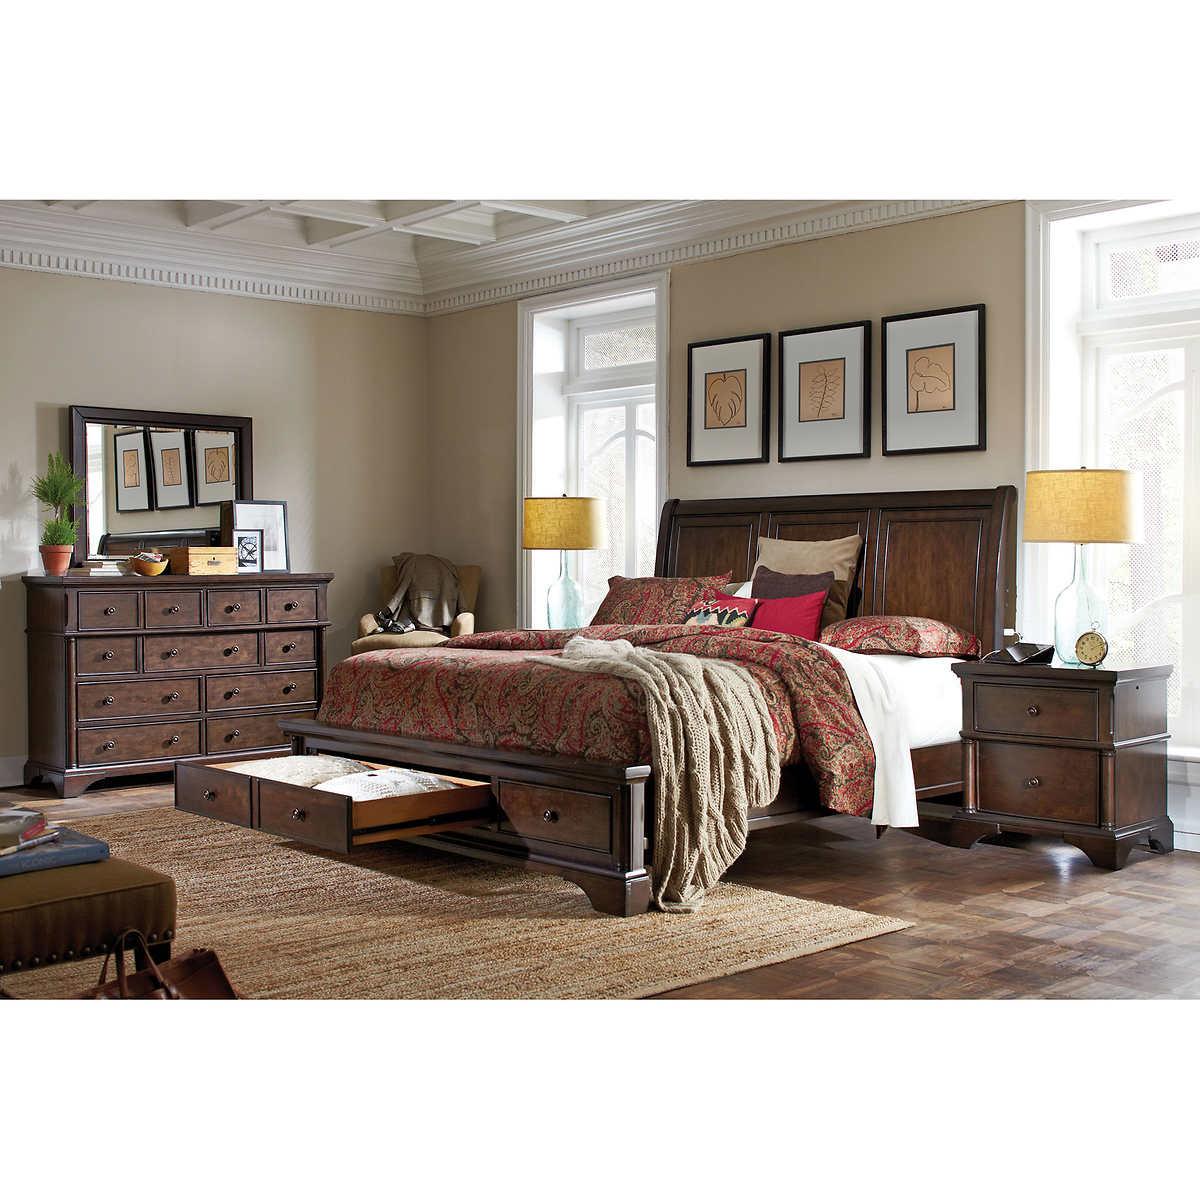 King Sleigh Bed Bedroom Sets Cal King Bedroom Sets